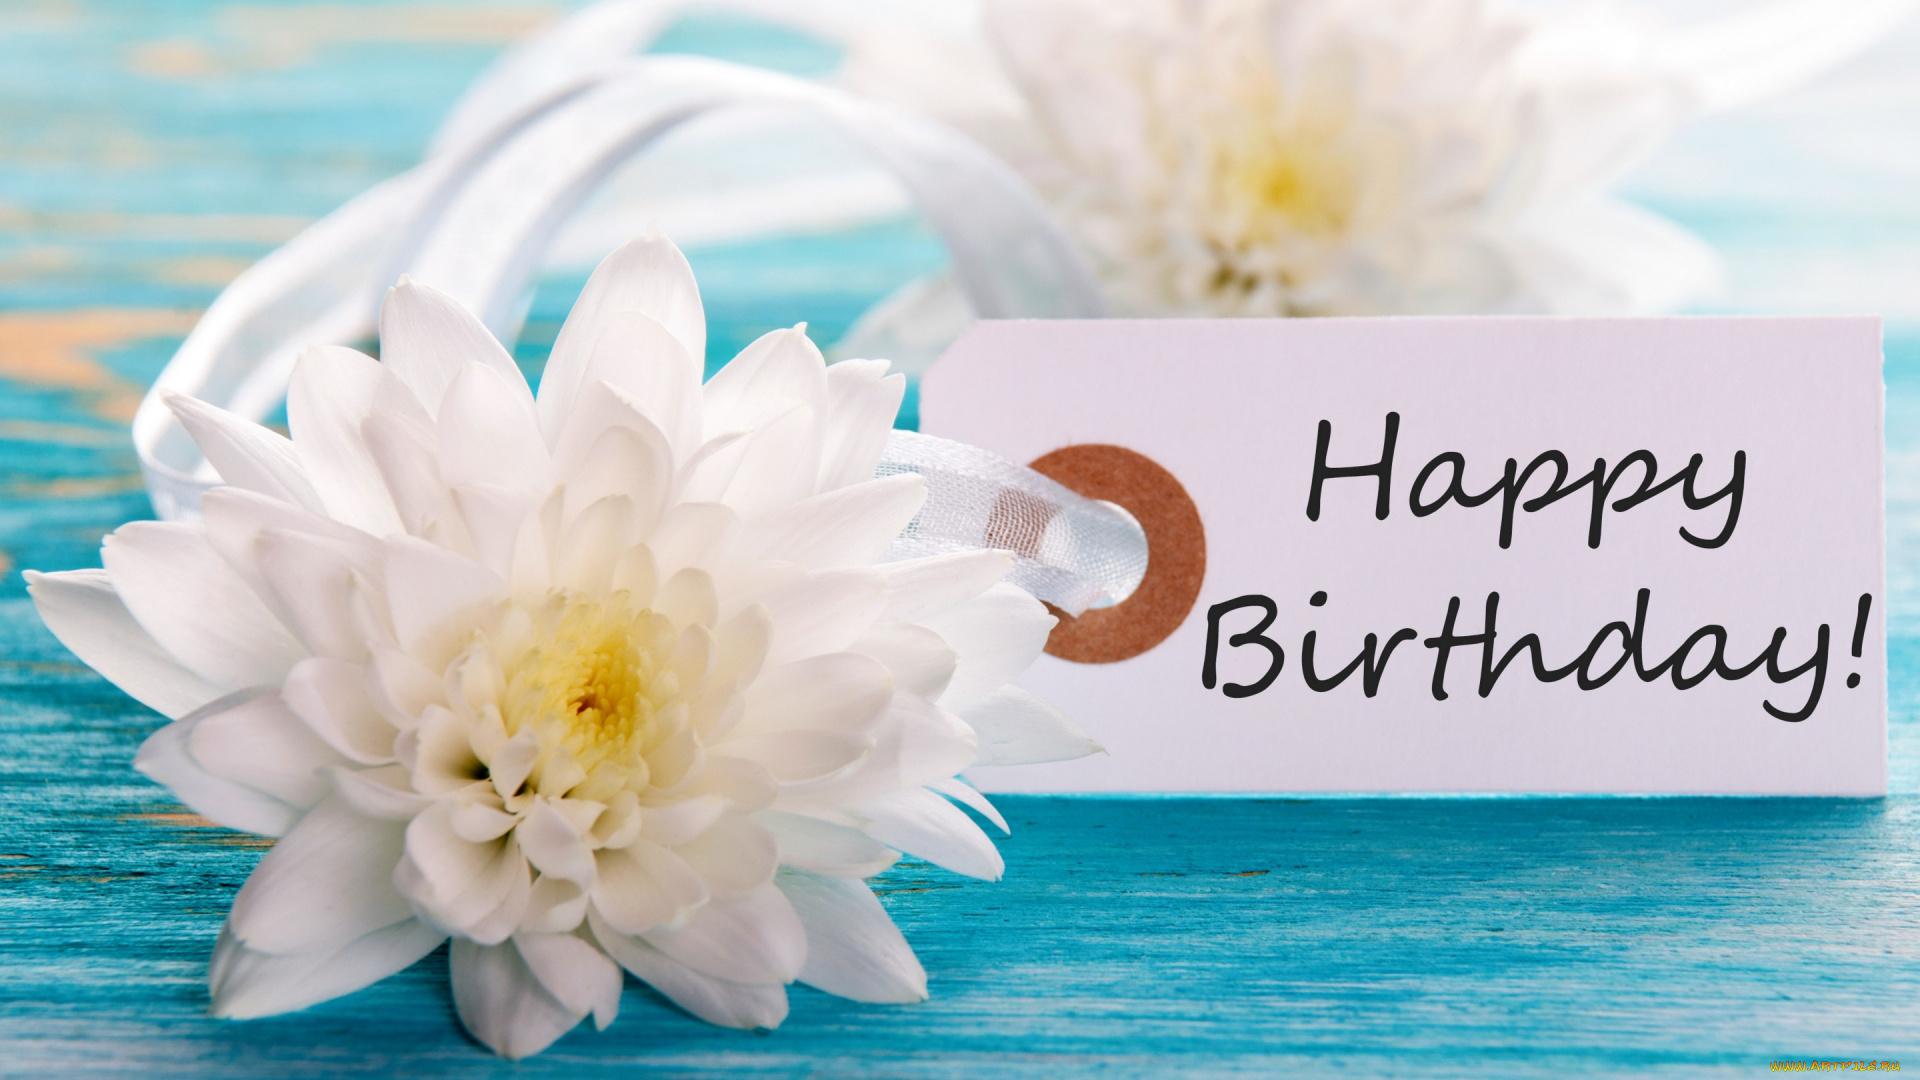 больше открытка с днем рождения море пляж цветы ондатру, промысел ондатры